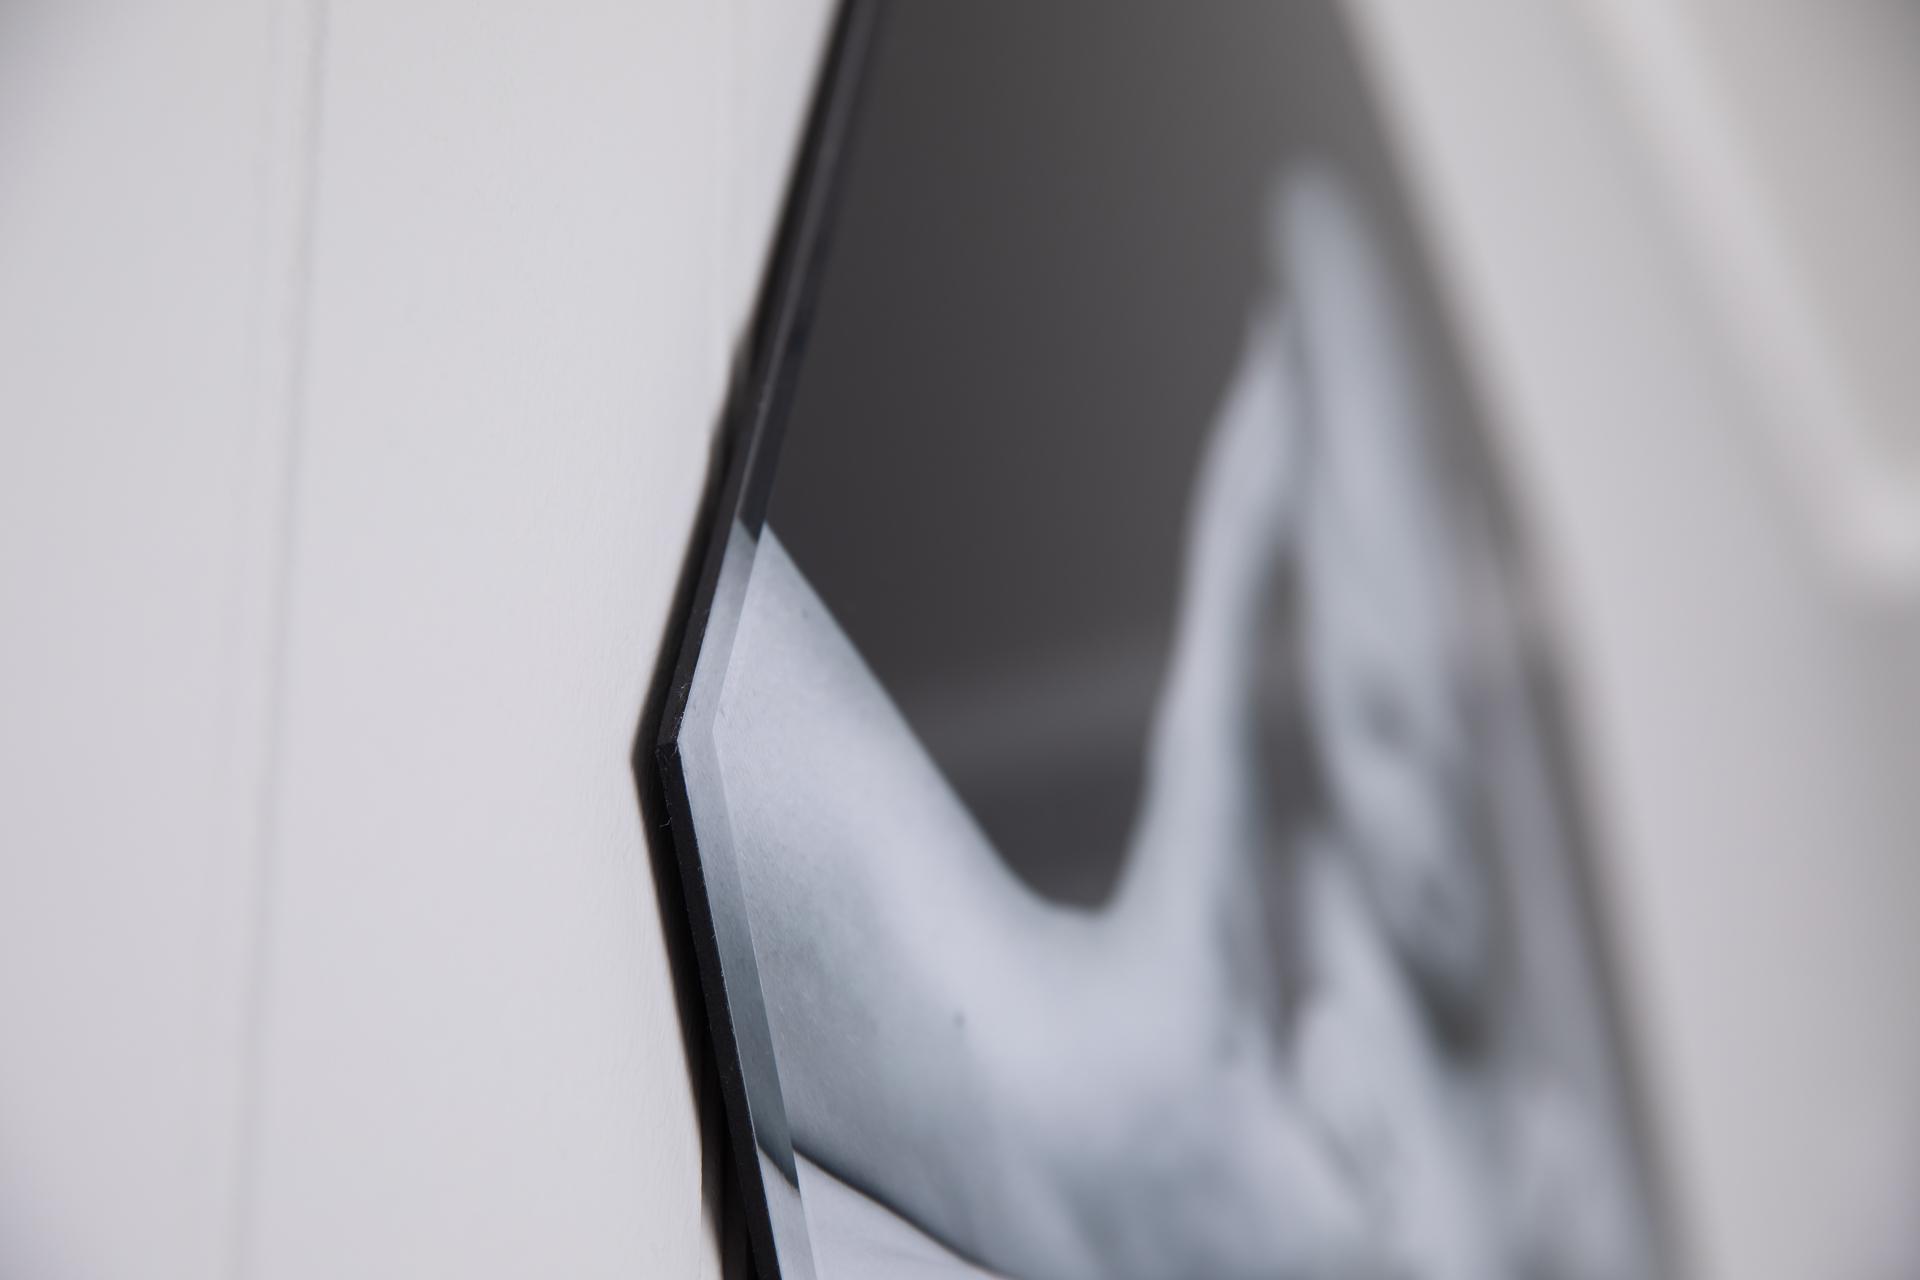 Product - acrylic frame black and white photo edge